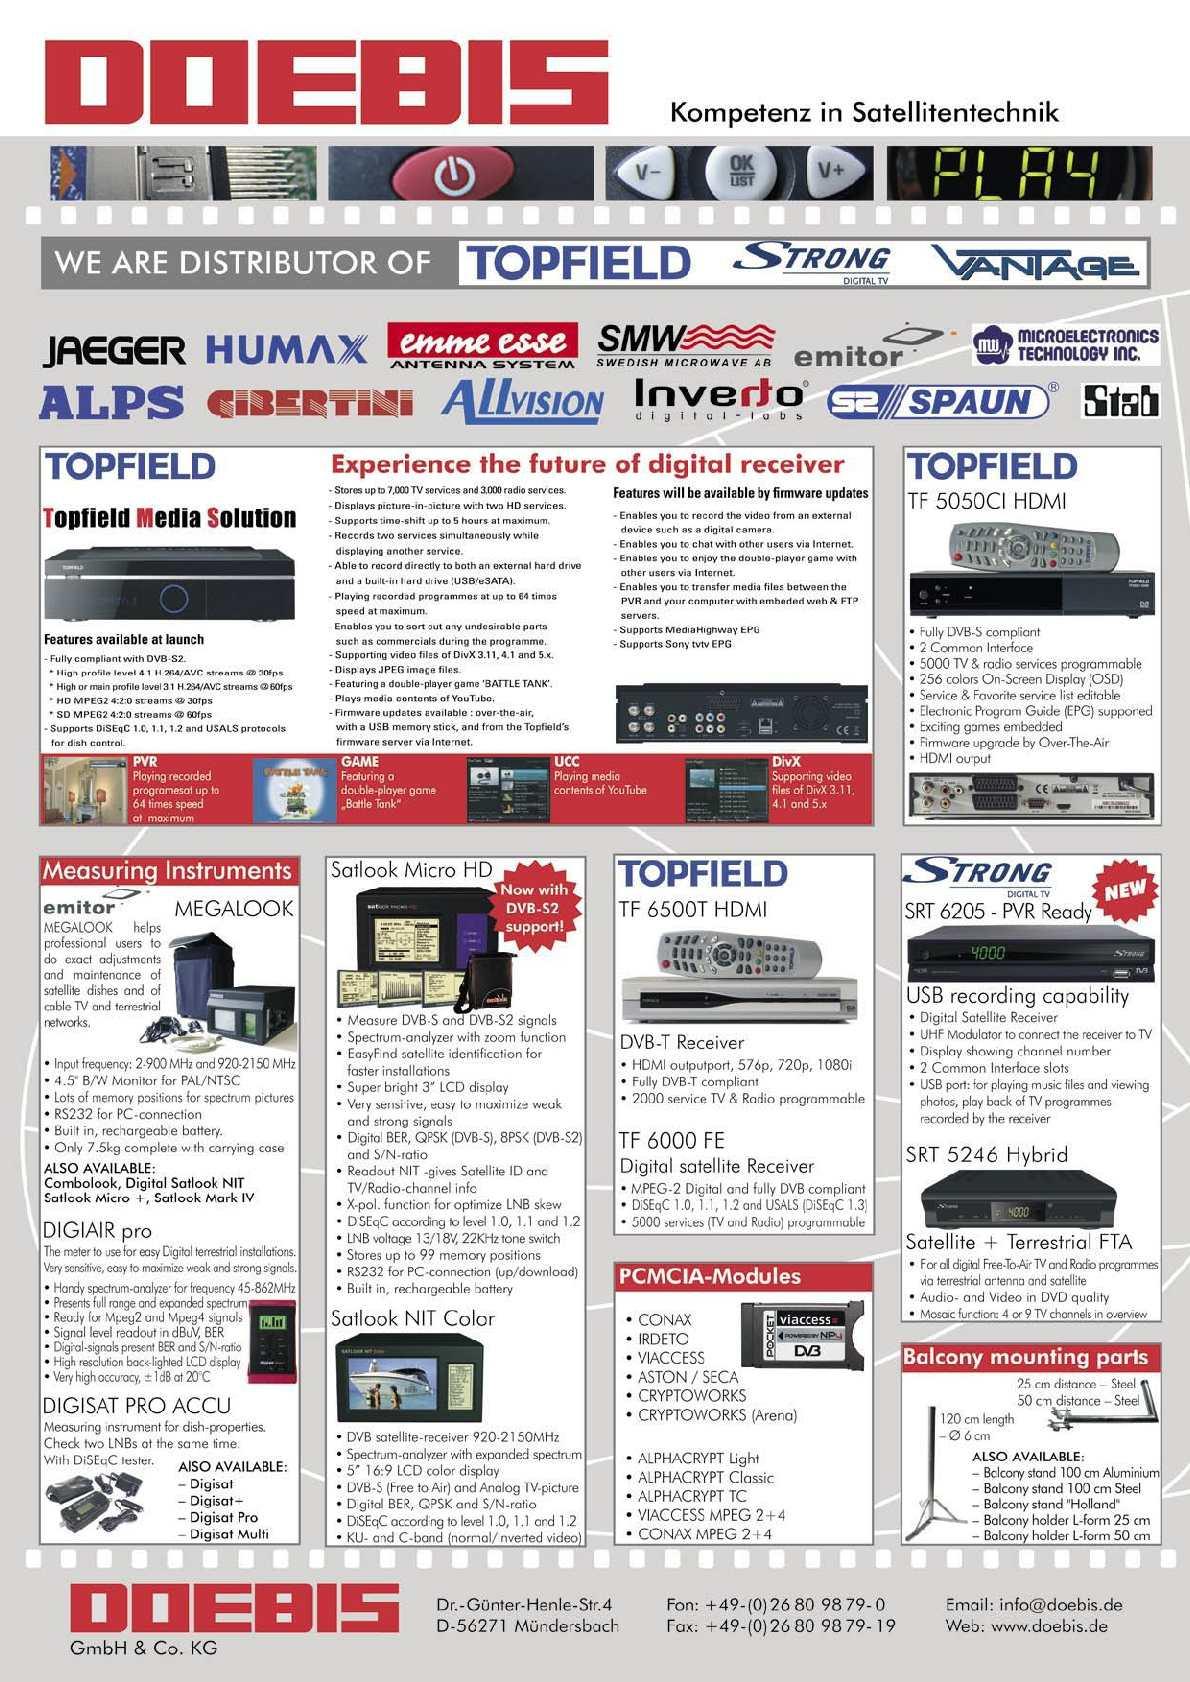 eng TELE-satellite-1001 - CALAMEO Downloader